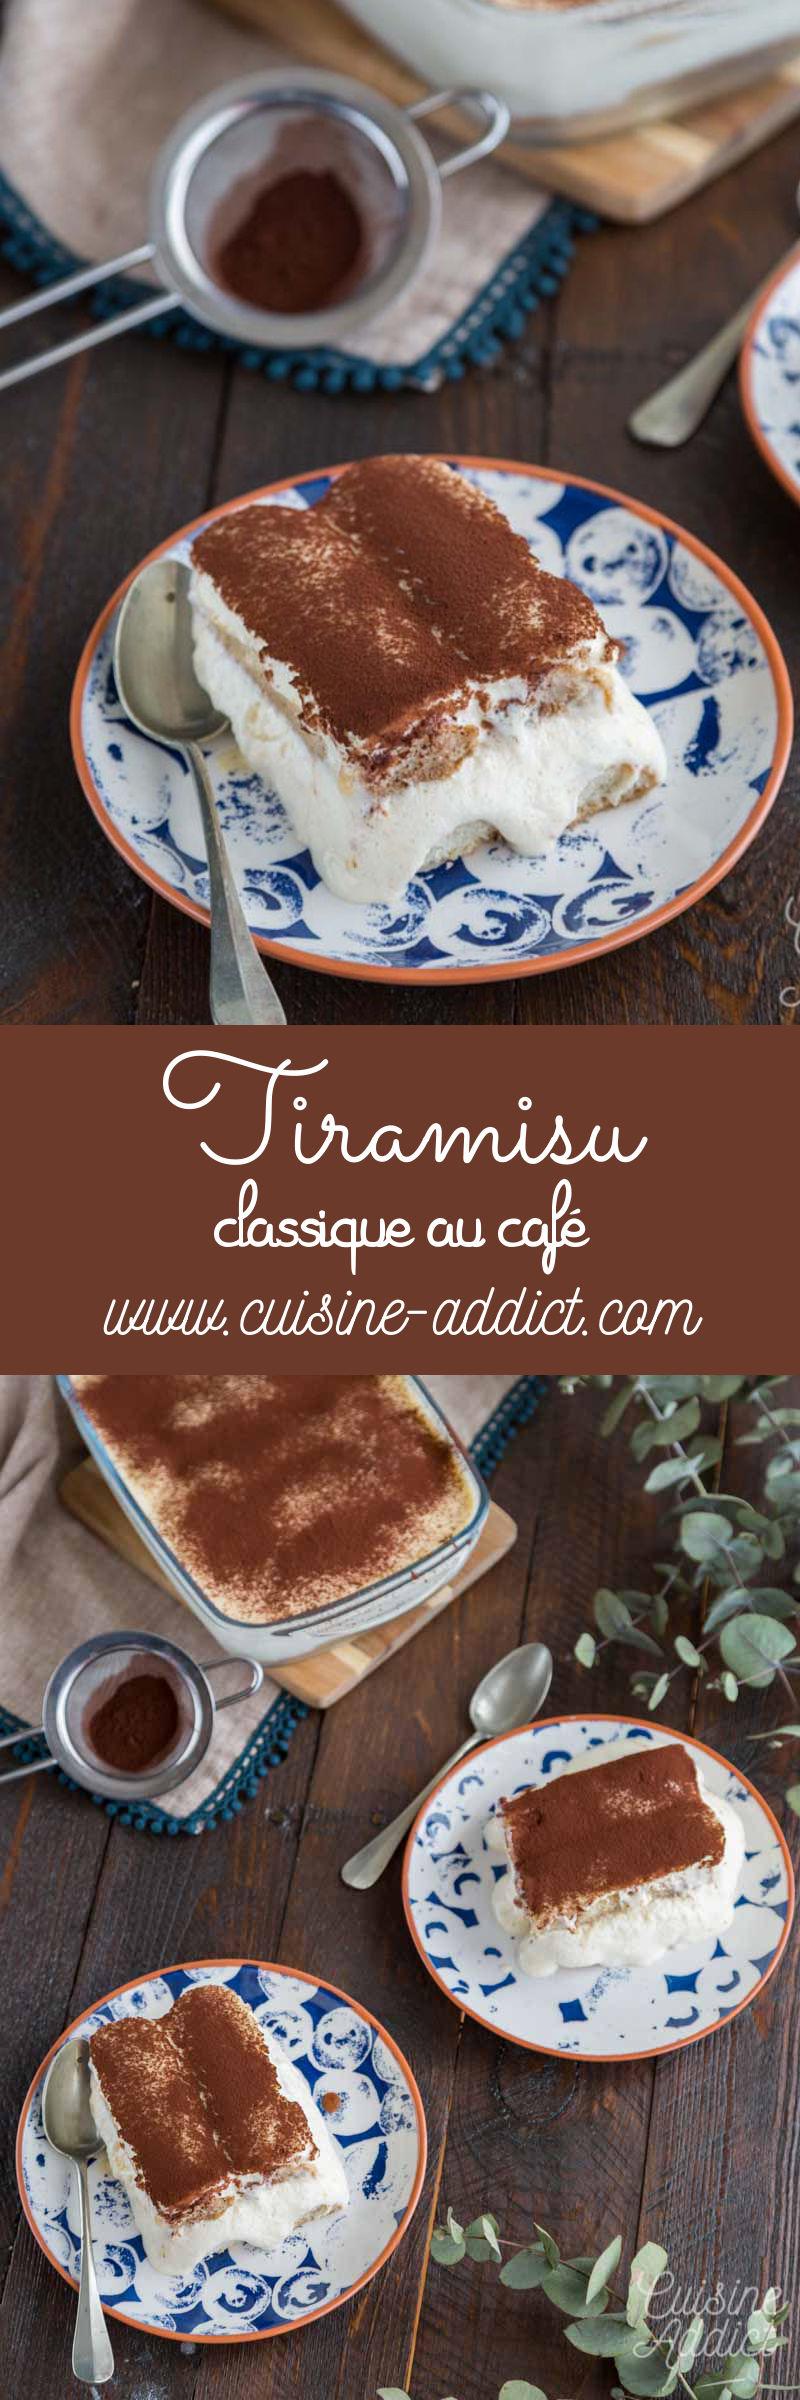 Tiramisu, la recette traditionnelle